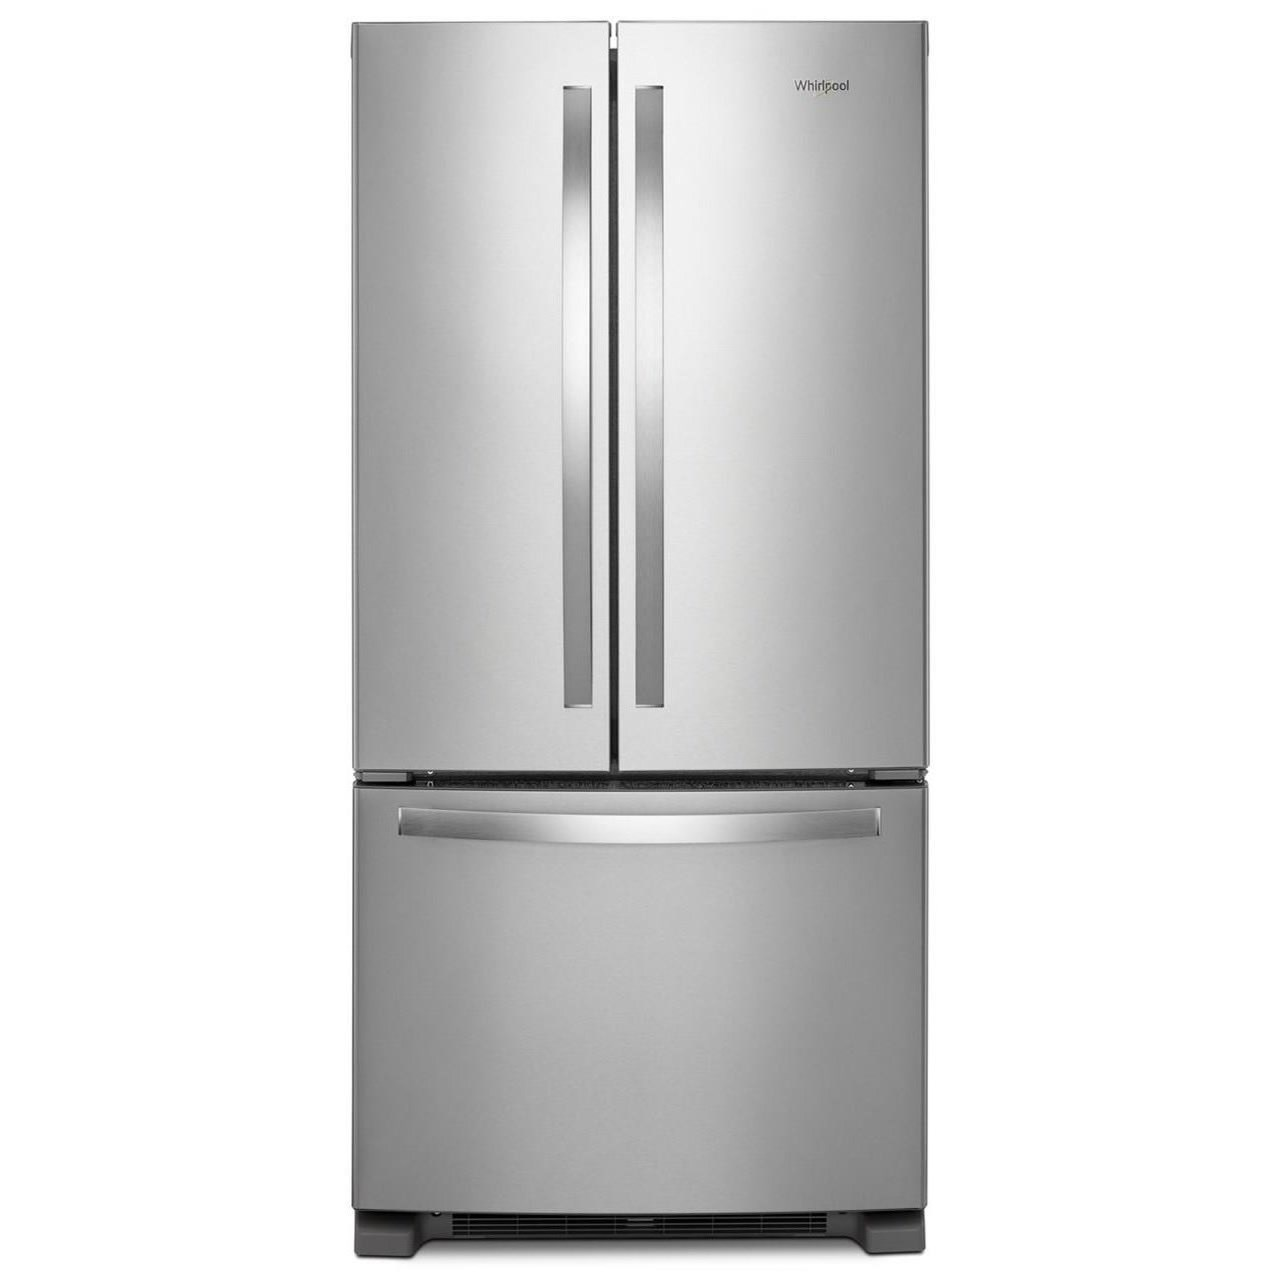 Whirlpool French Door Refrigerators 33 Inch Wide French Door Refrigerator    22 Cu. Ft